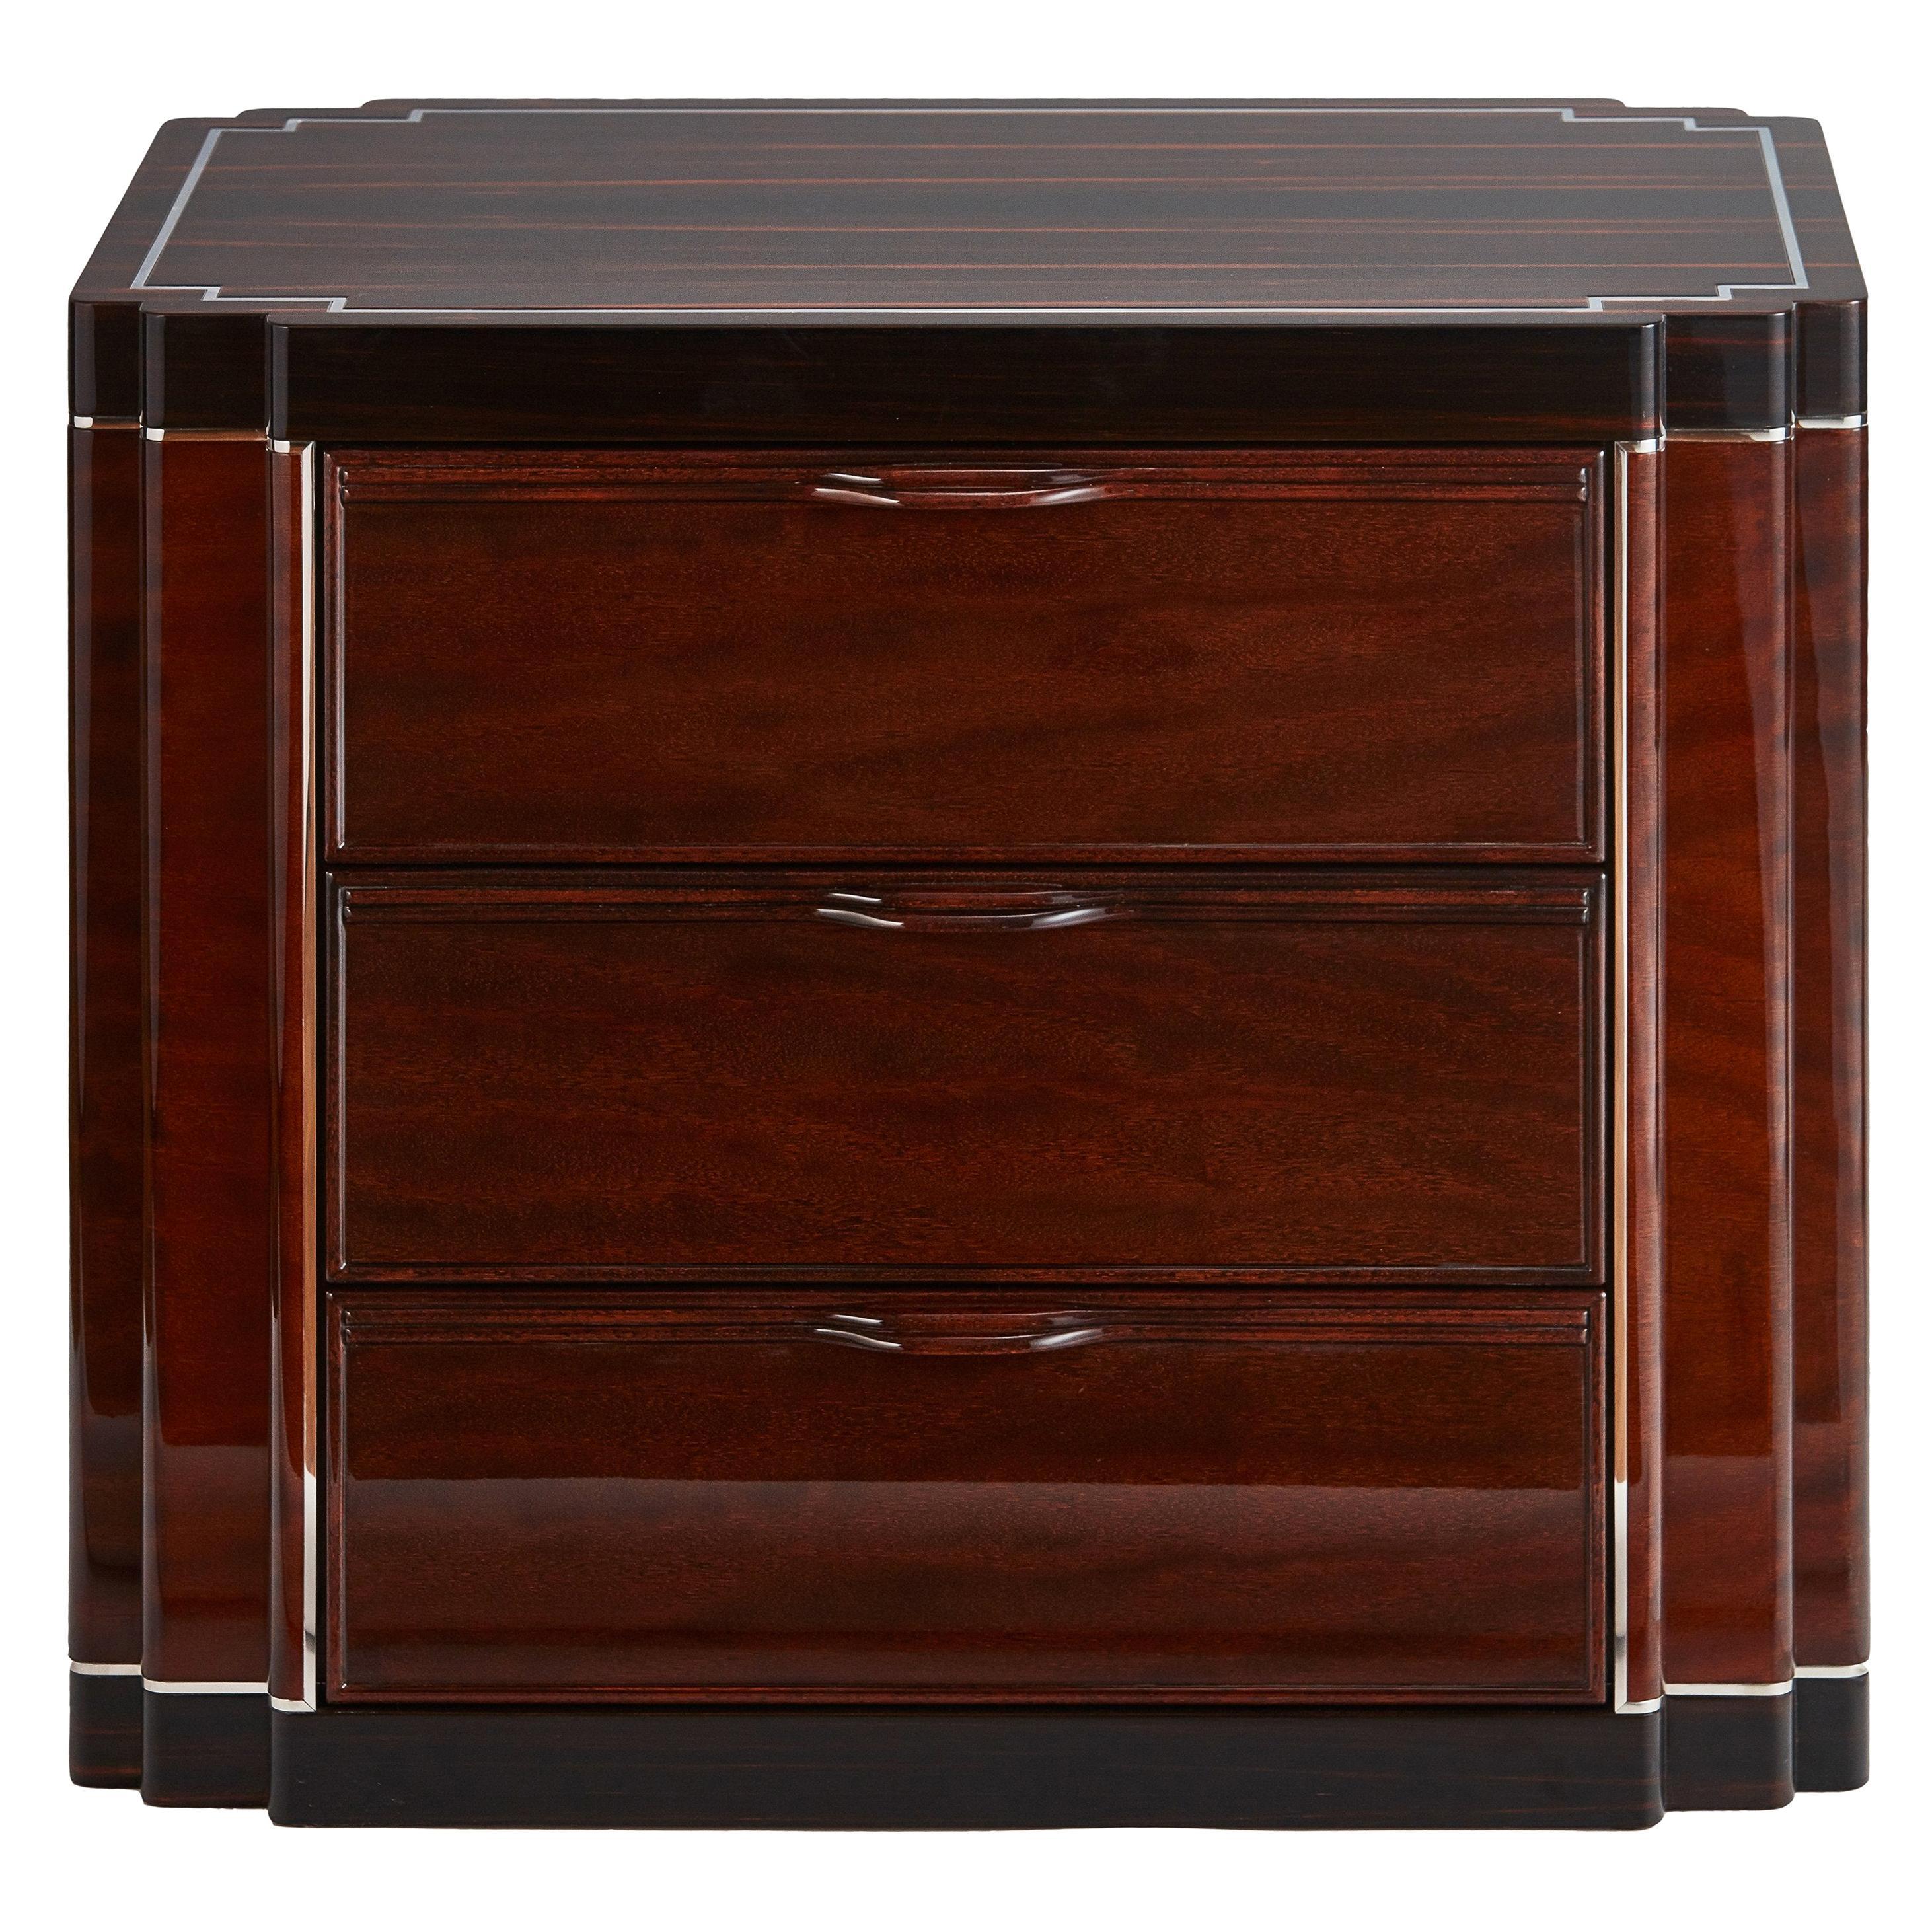 American Art Deco Bedside Cabinet in Two-Tone Exotic Wood Veneer